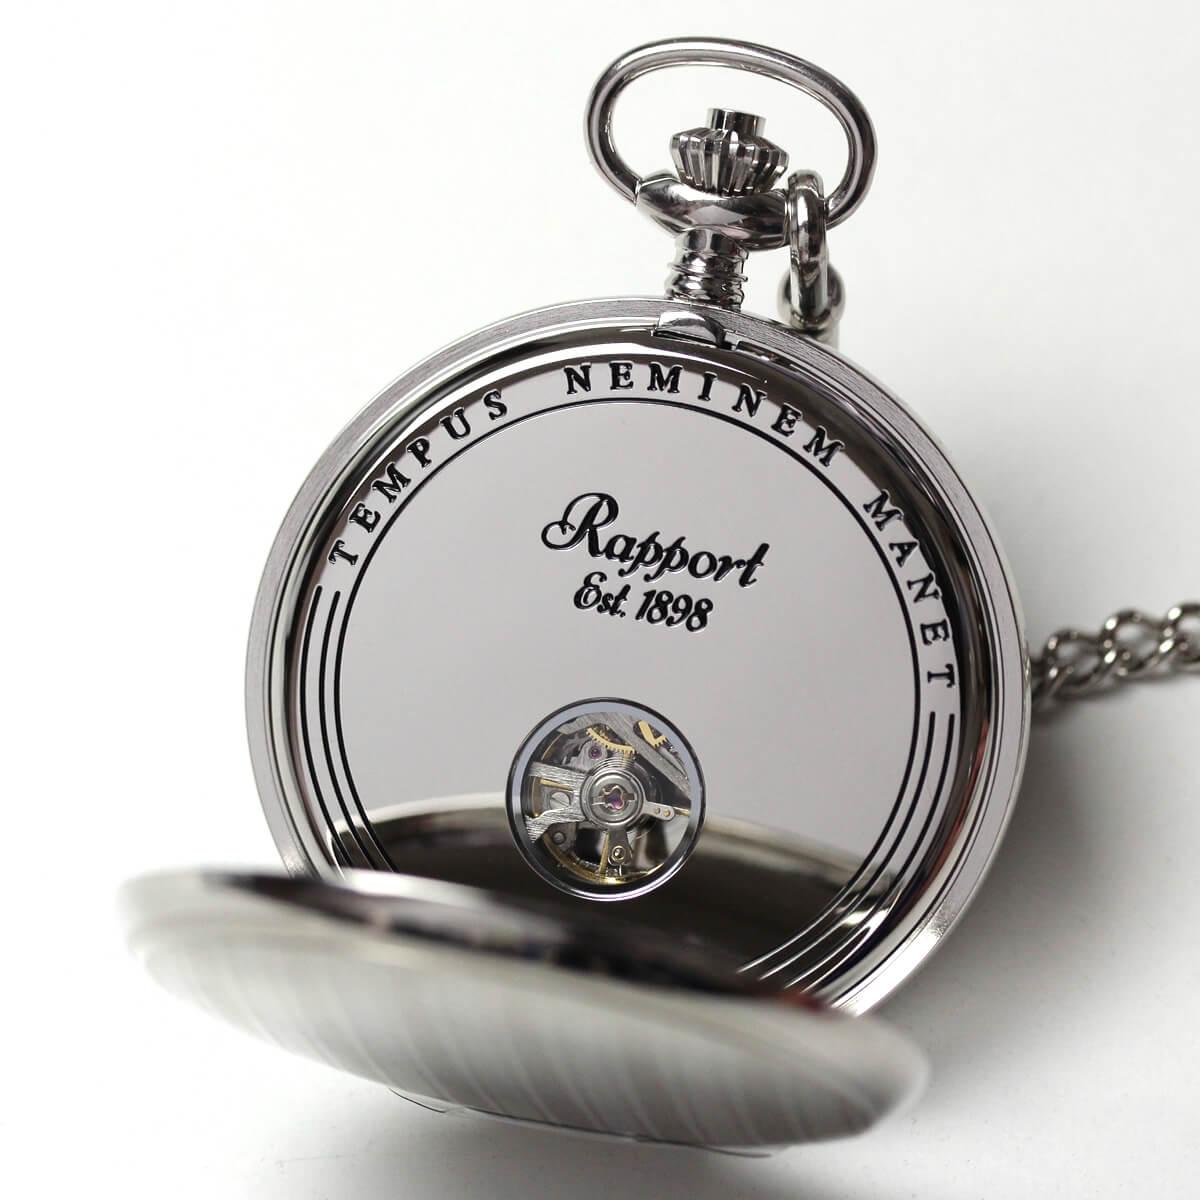 イギリスブランド rapport(ラポート) 懐中時計 pw99 裏蓋を開いたところ